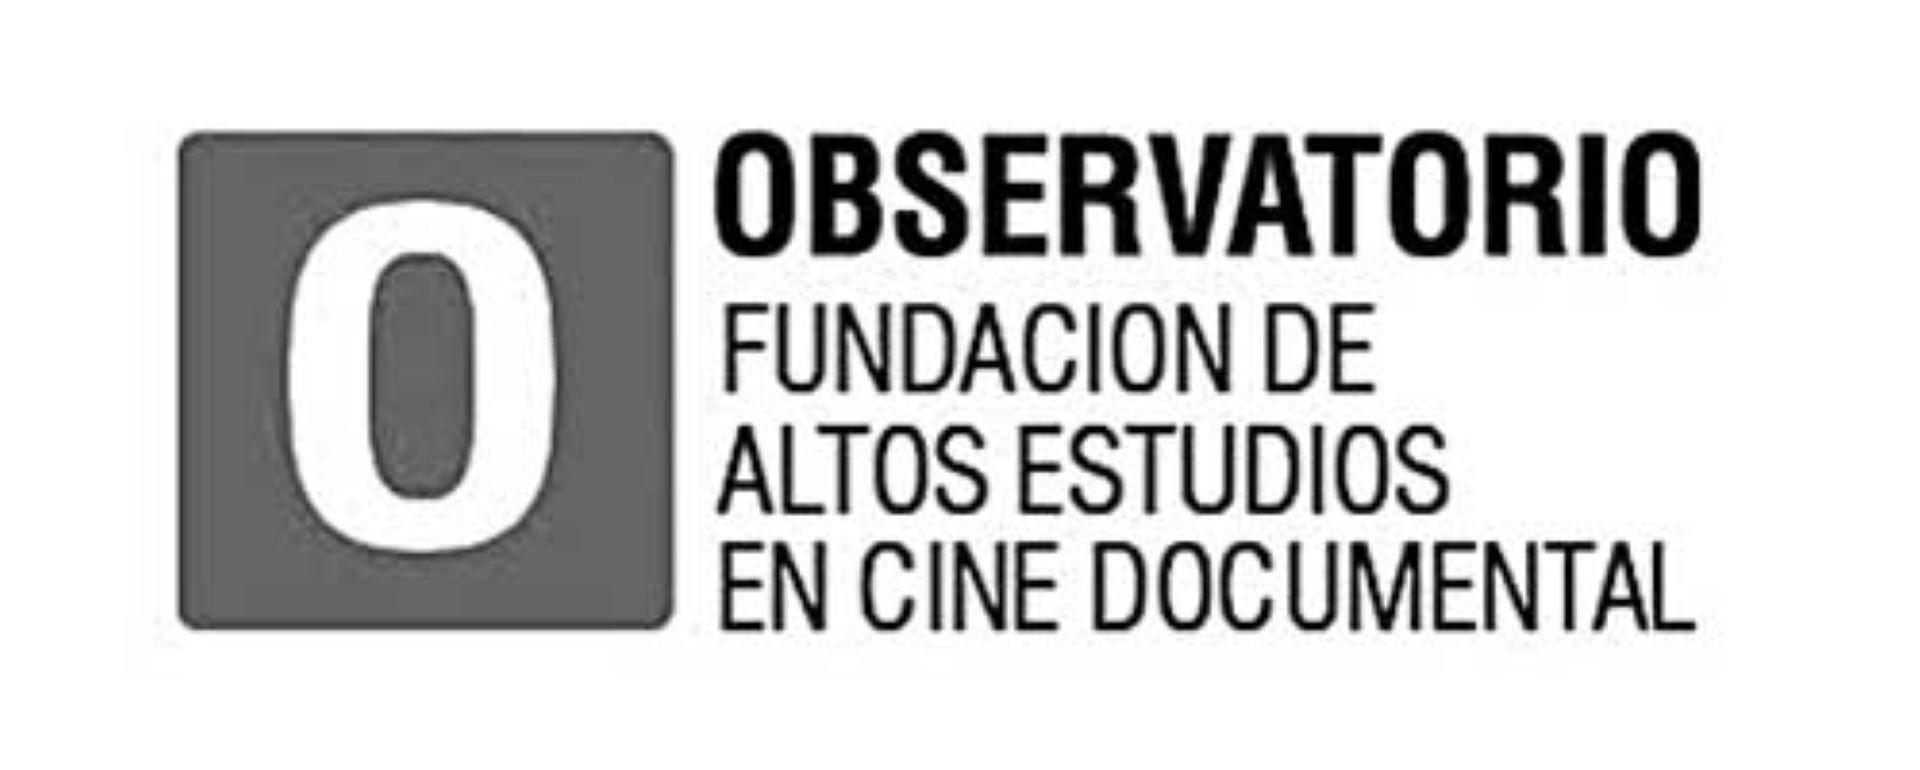 Observatorio, Fundación de altos estudios en cine documental